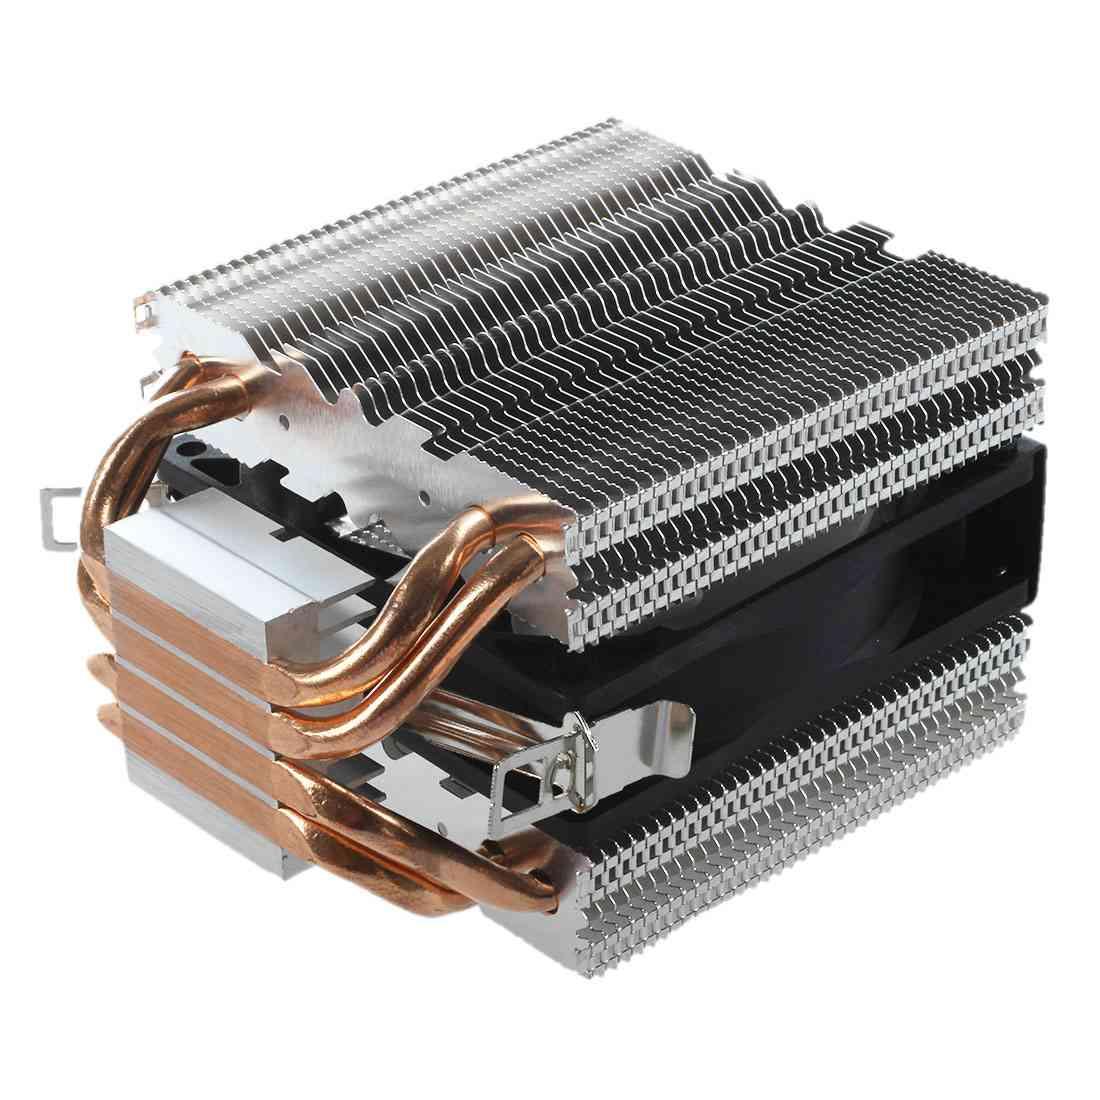 4 disipador de calor de CPU para Intel LGA 1150 1151 1156 775 1155 AMD nuevo